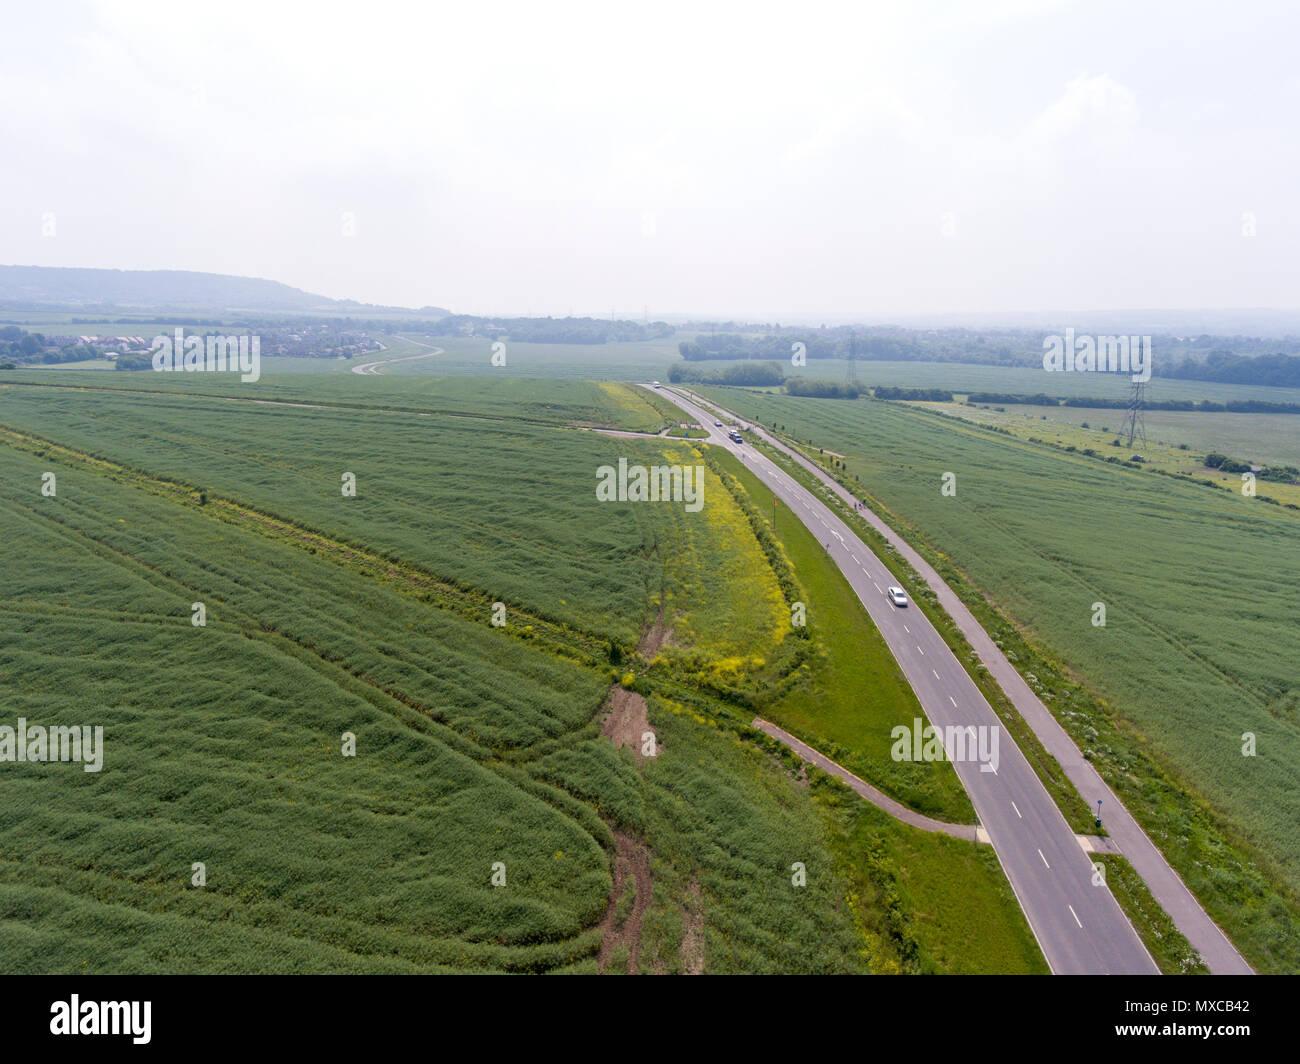 Country lane through fields, Kent, UK - Stock Image